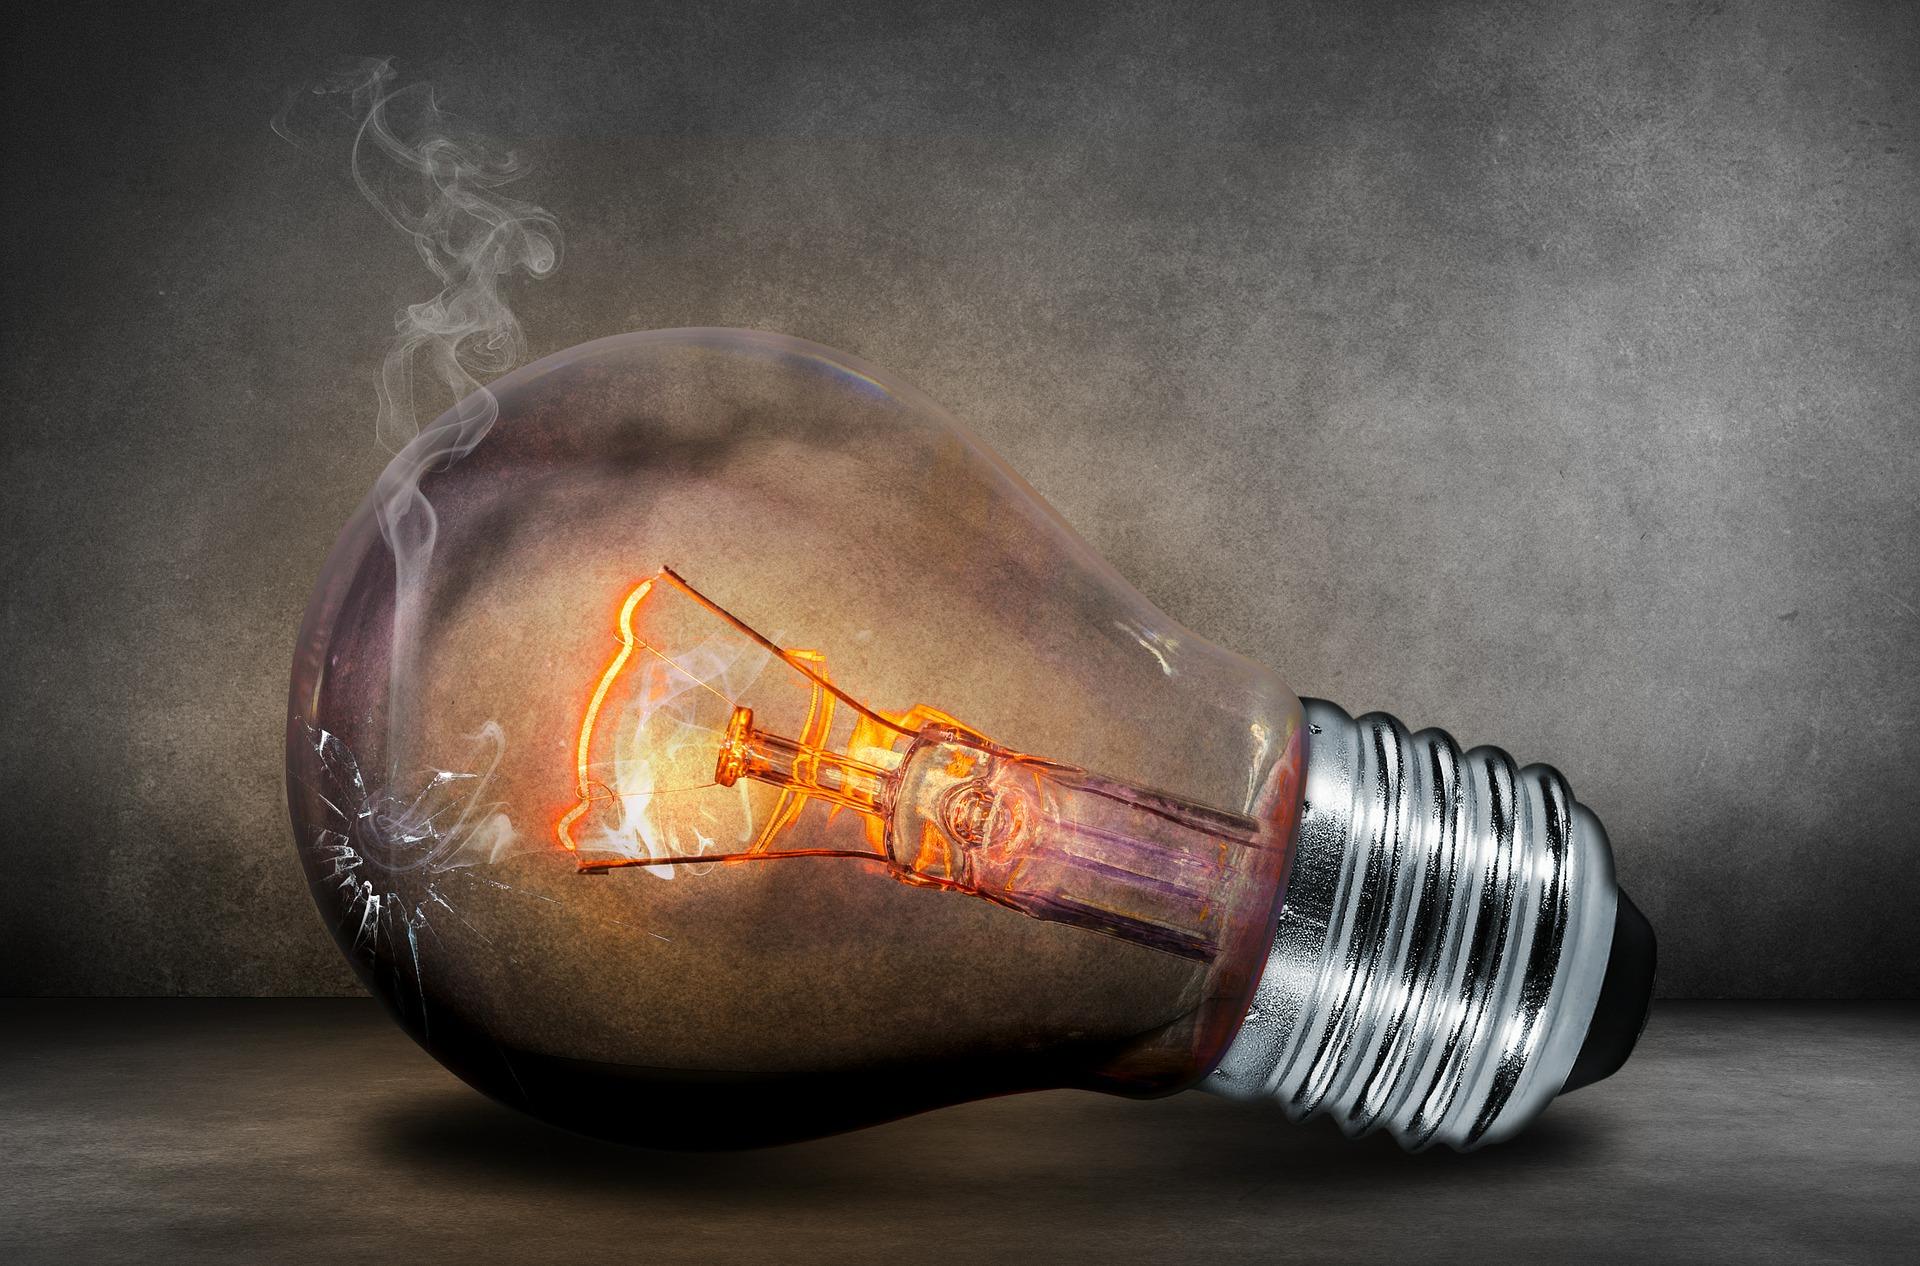 Adiós a las lámparas halógenas: Europa prohibirá definitivamente los halógenos a partir del 1 de septiembre 2018